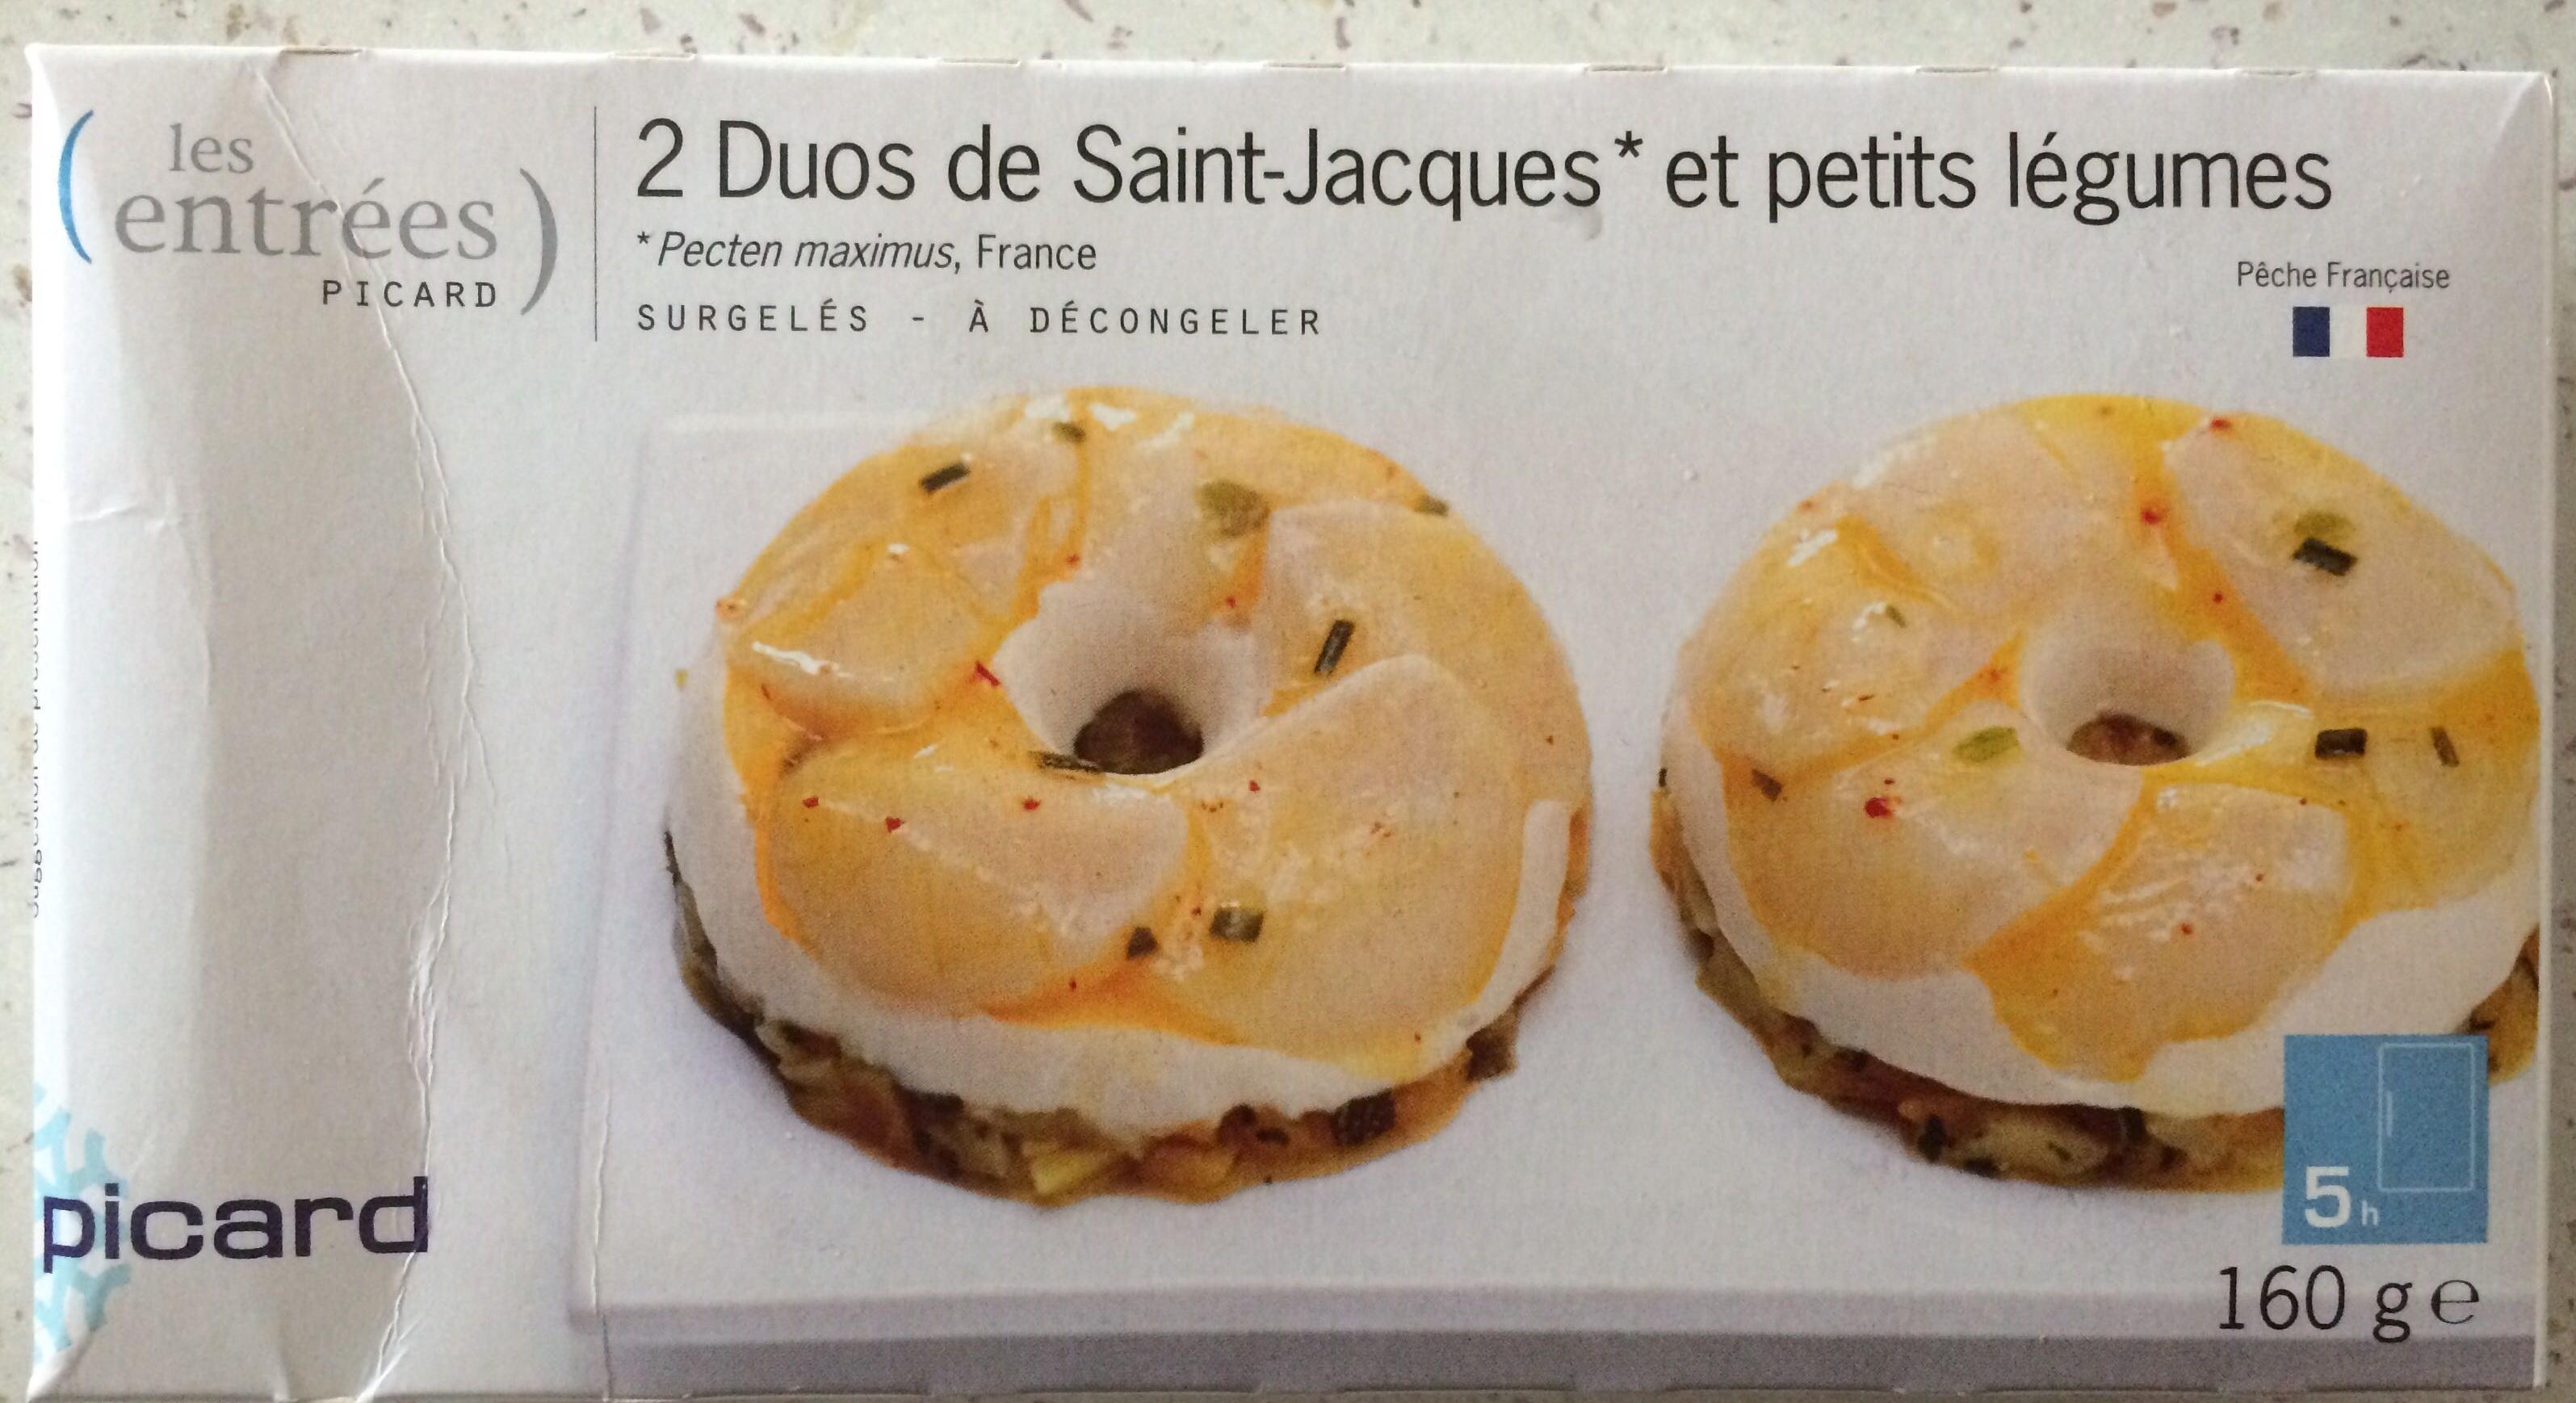 2 Duos de Saint-Jacques et petits légumes - Product - fr